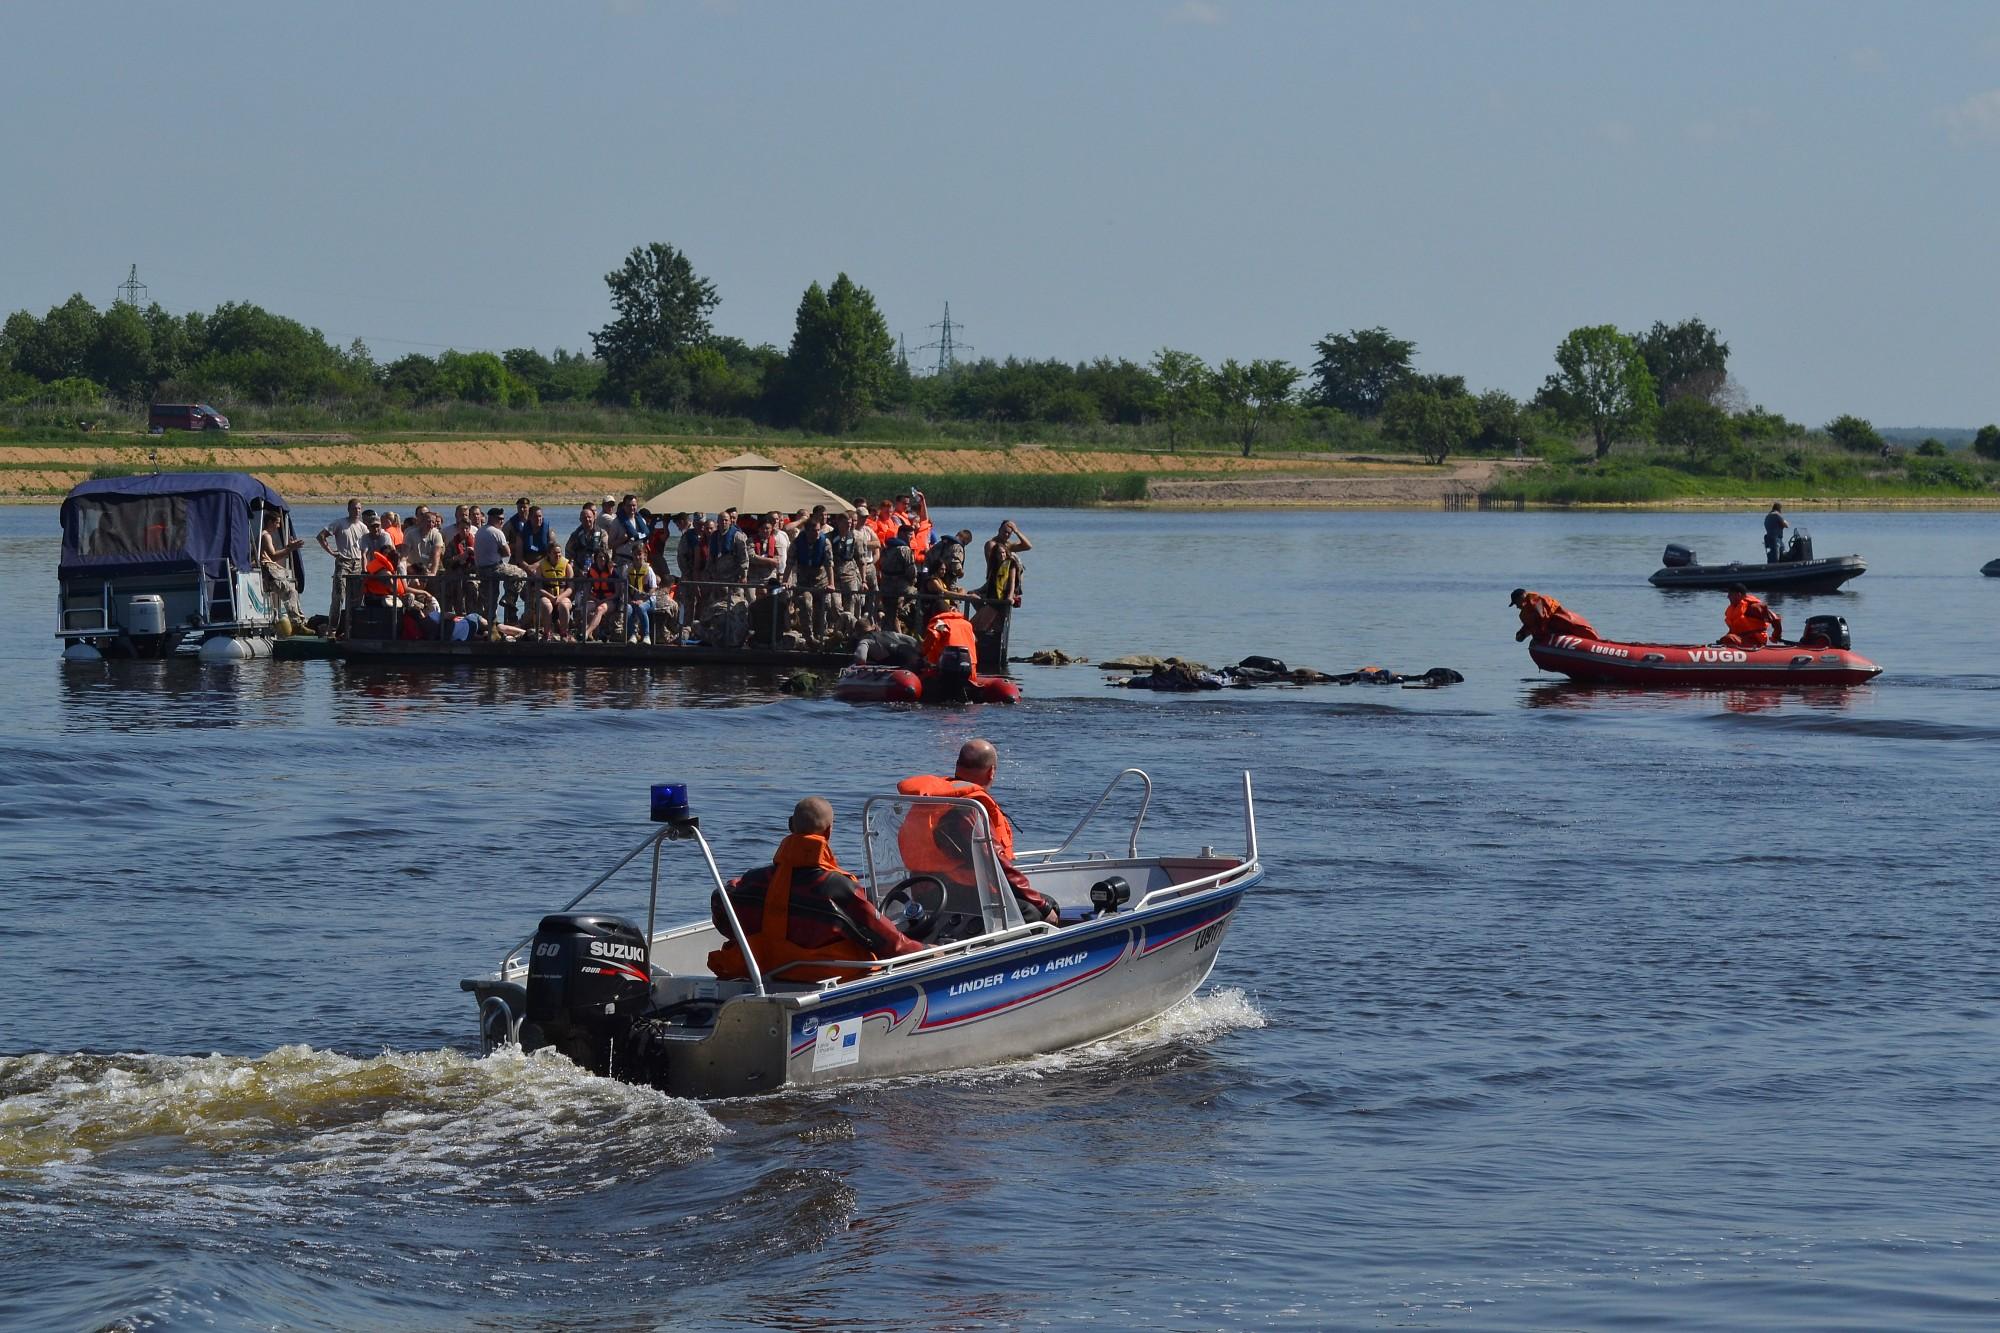 Самолет в озере, надо спасать выживших